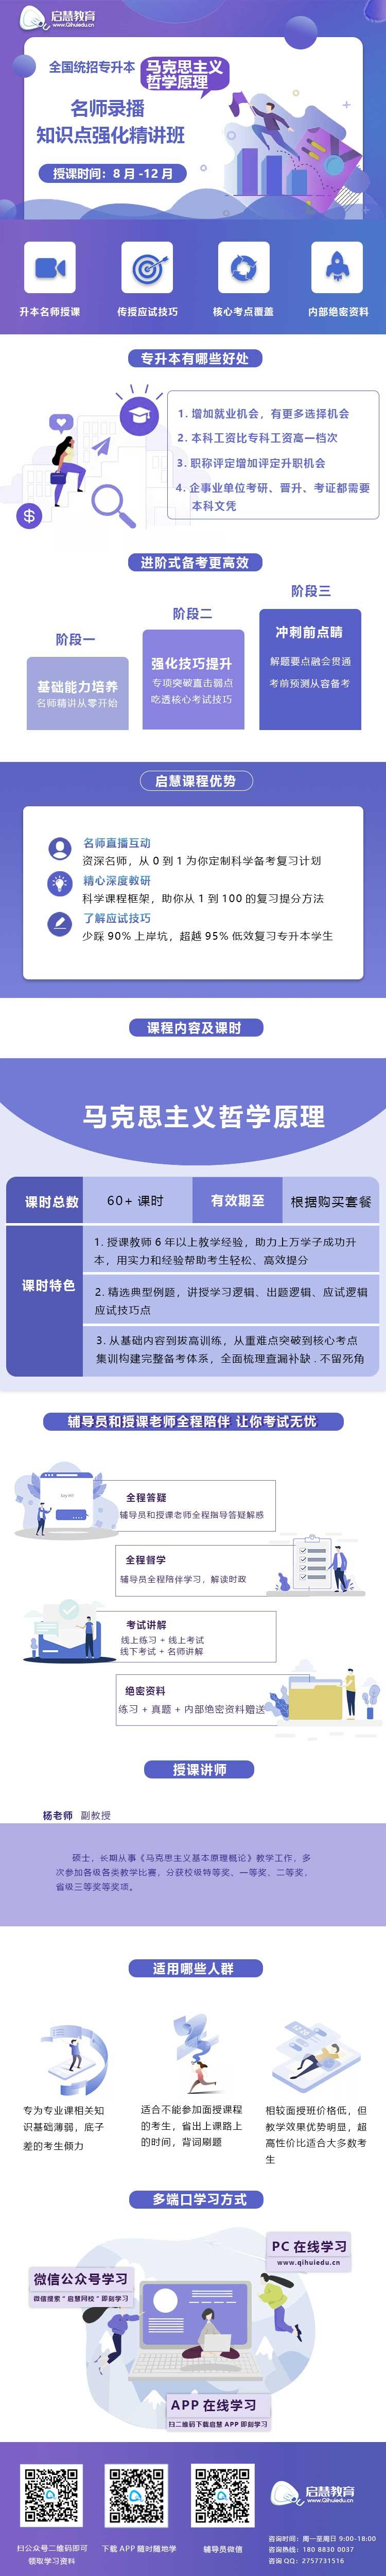 2021年云南统招专升本精讲课《马克思主义哲学原理》